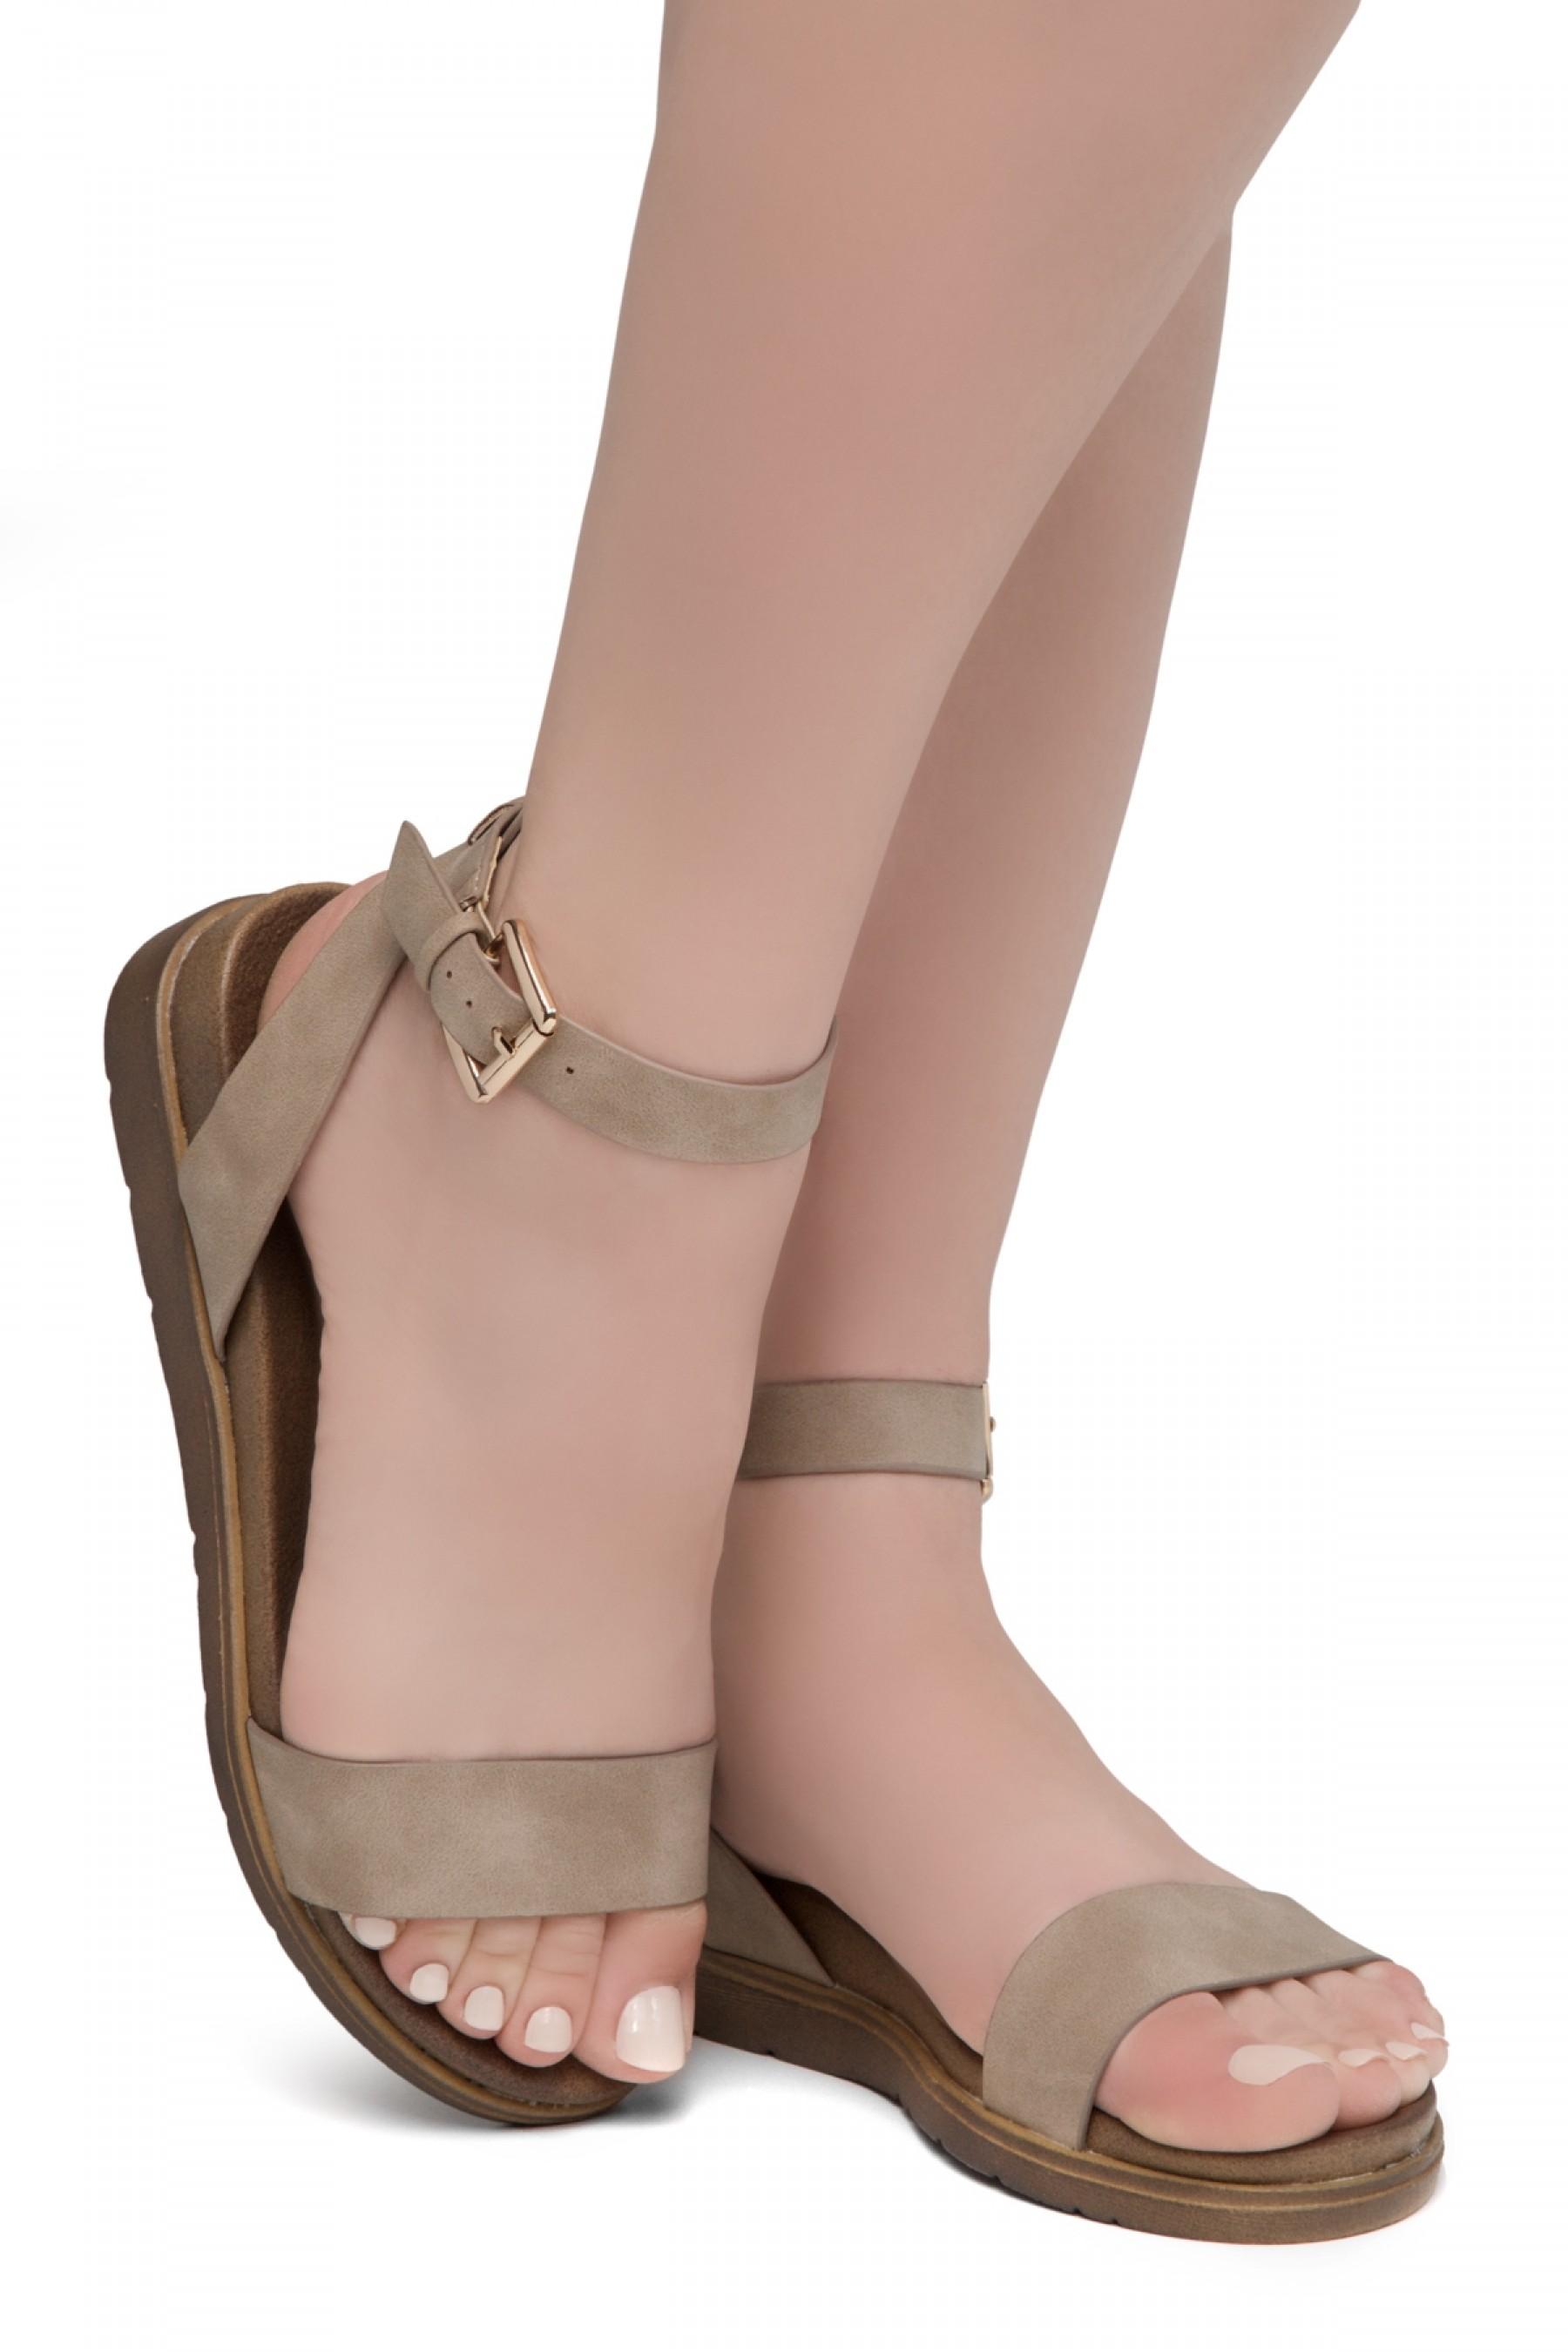 Shoe land Needed Me- Ankle Strap Flat Platform Sandal (Natural)